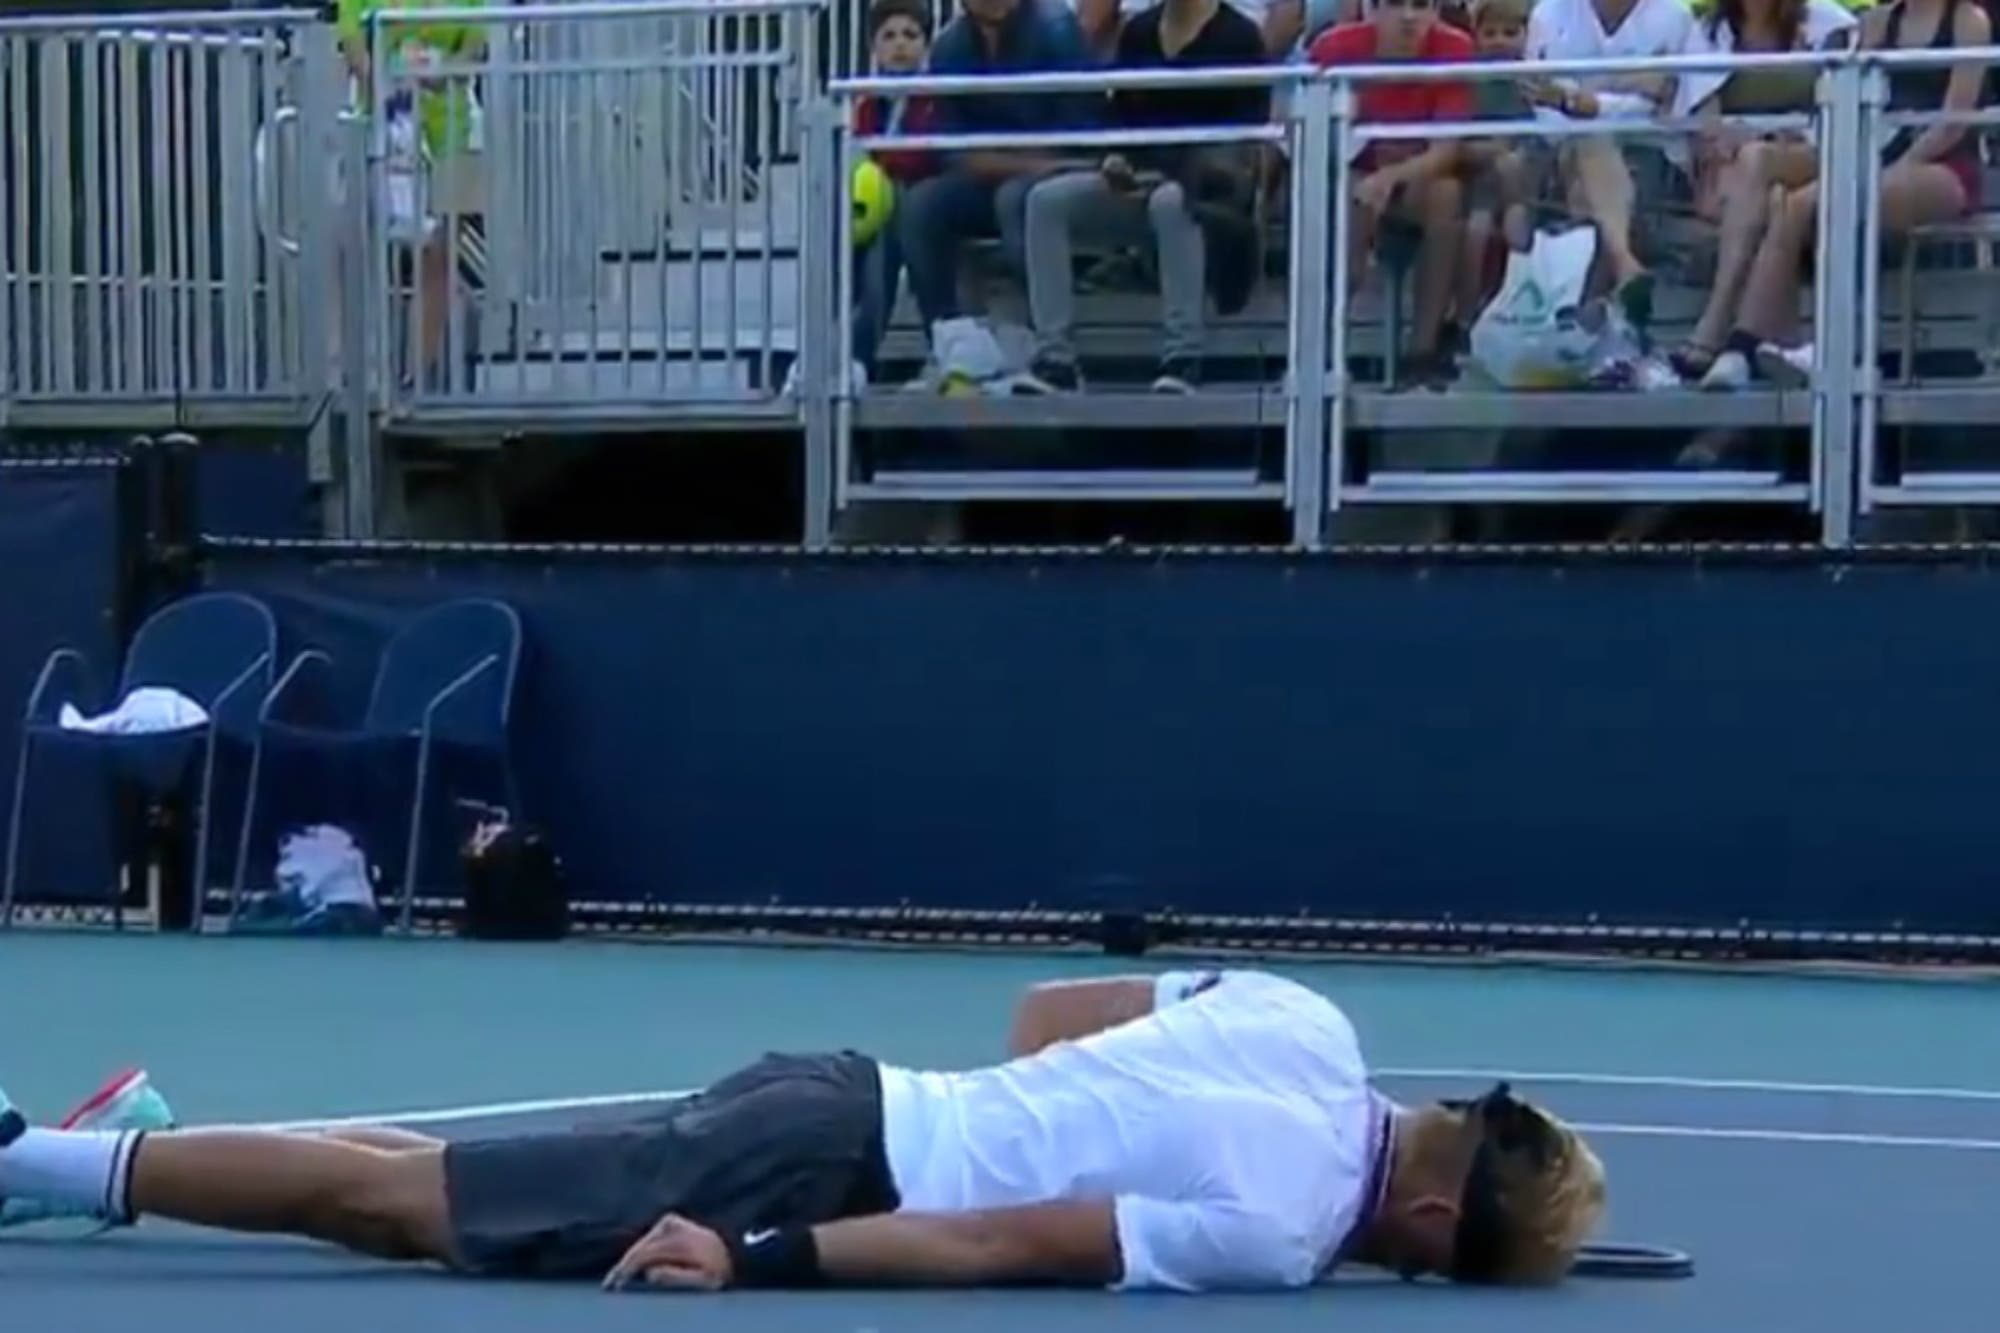 Impactante colapso de un tenista en el torneo de Miami: acalambrado y exhausto, no pudo seguir jugando